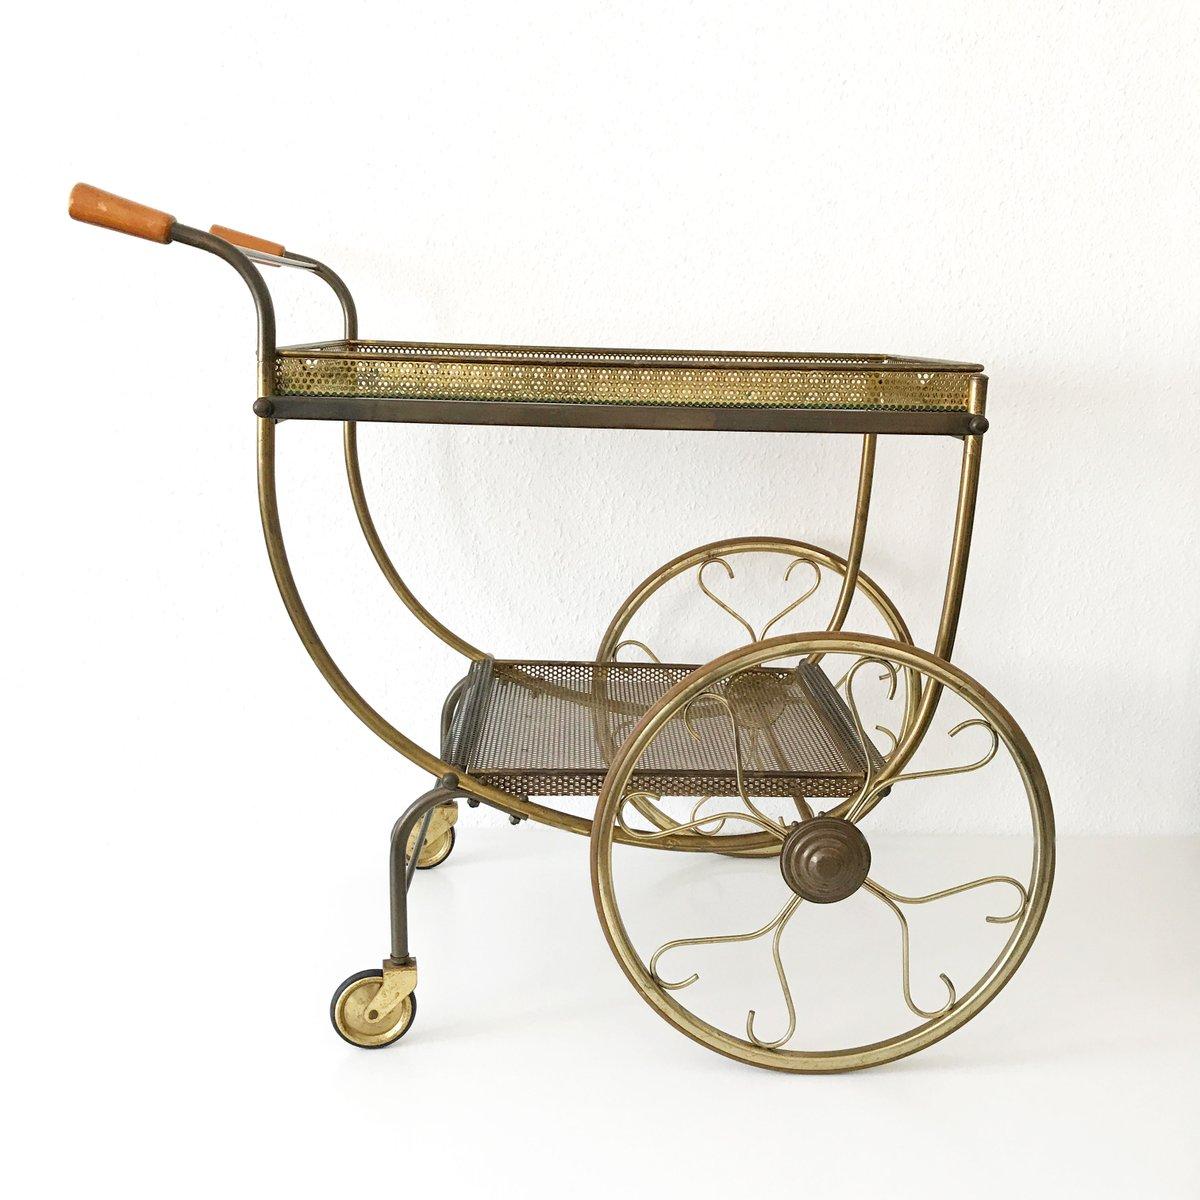 mid century modern bar cart by josef frank for svenskt tenn 1950s for sale at pamono. Black Bedroom Furniture Sets. Home Design Ideas